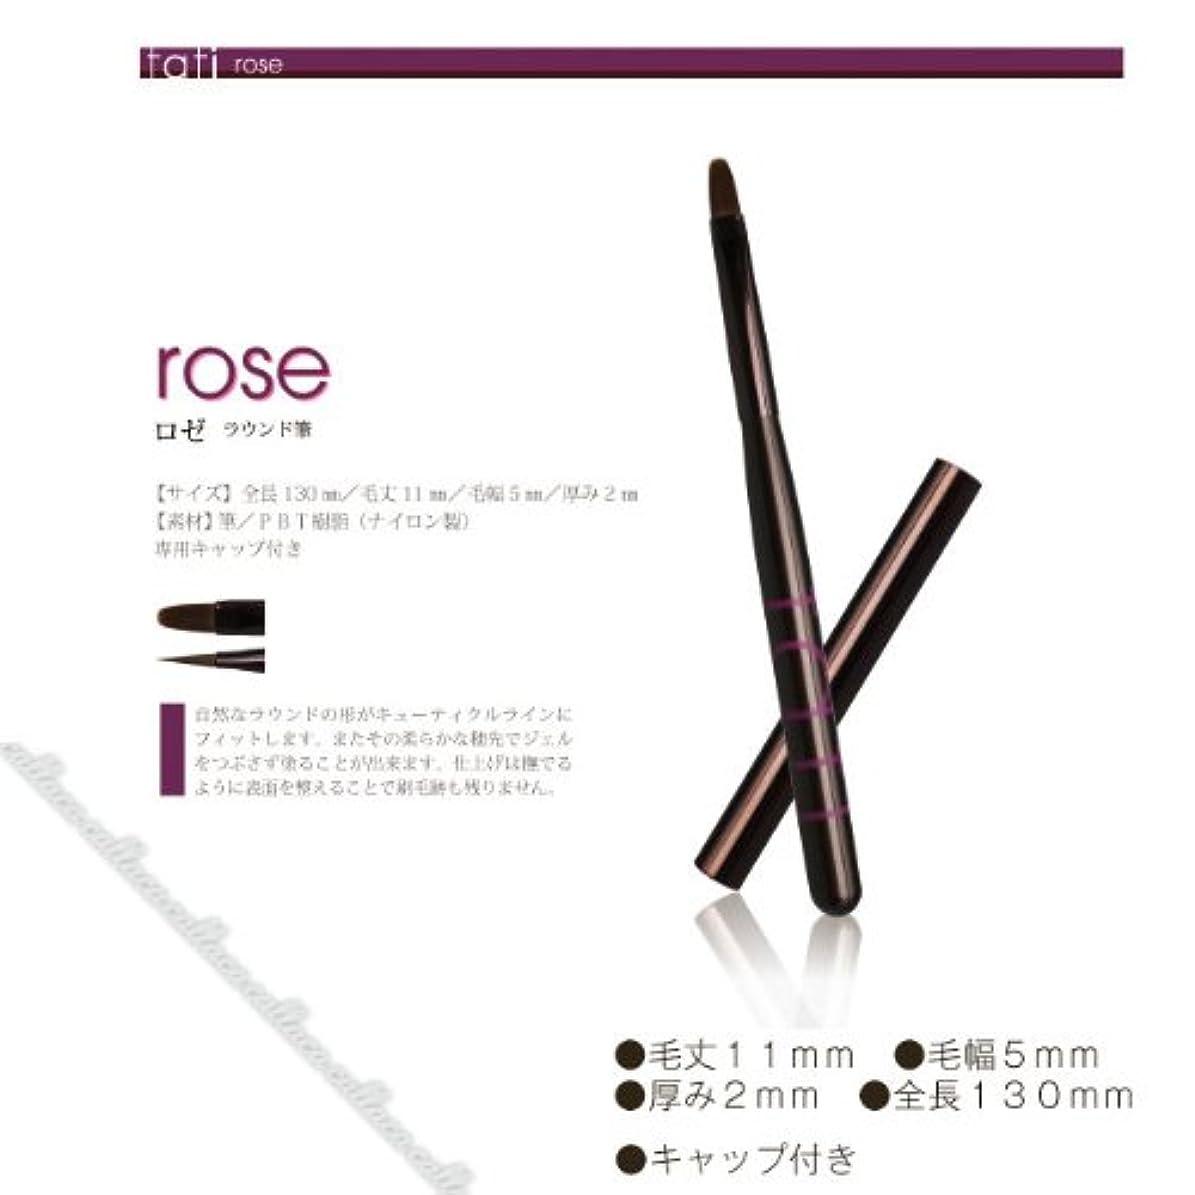 二十キルス目指すtati ジェル ブラシアートショコラ rose (ロゼ)